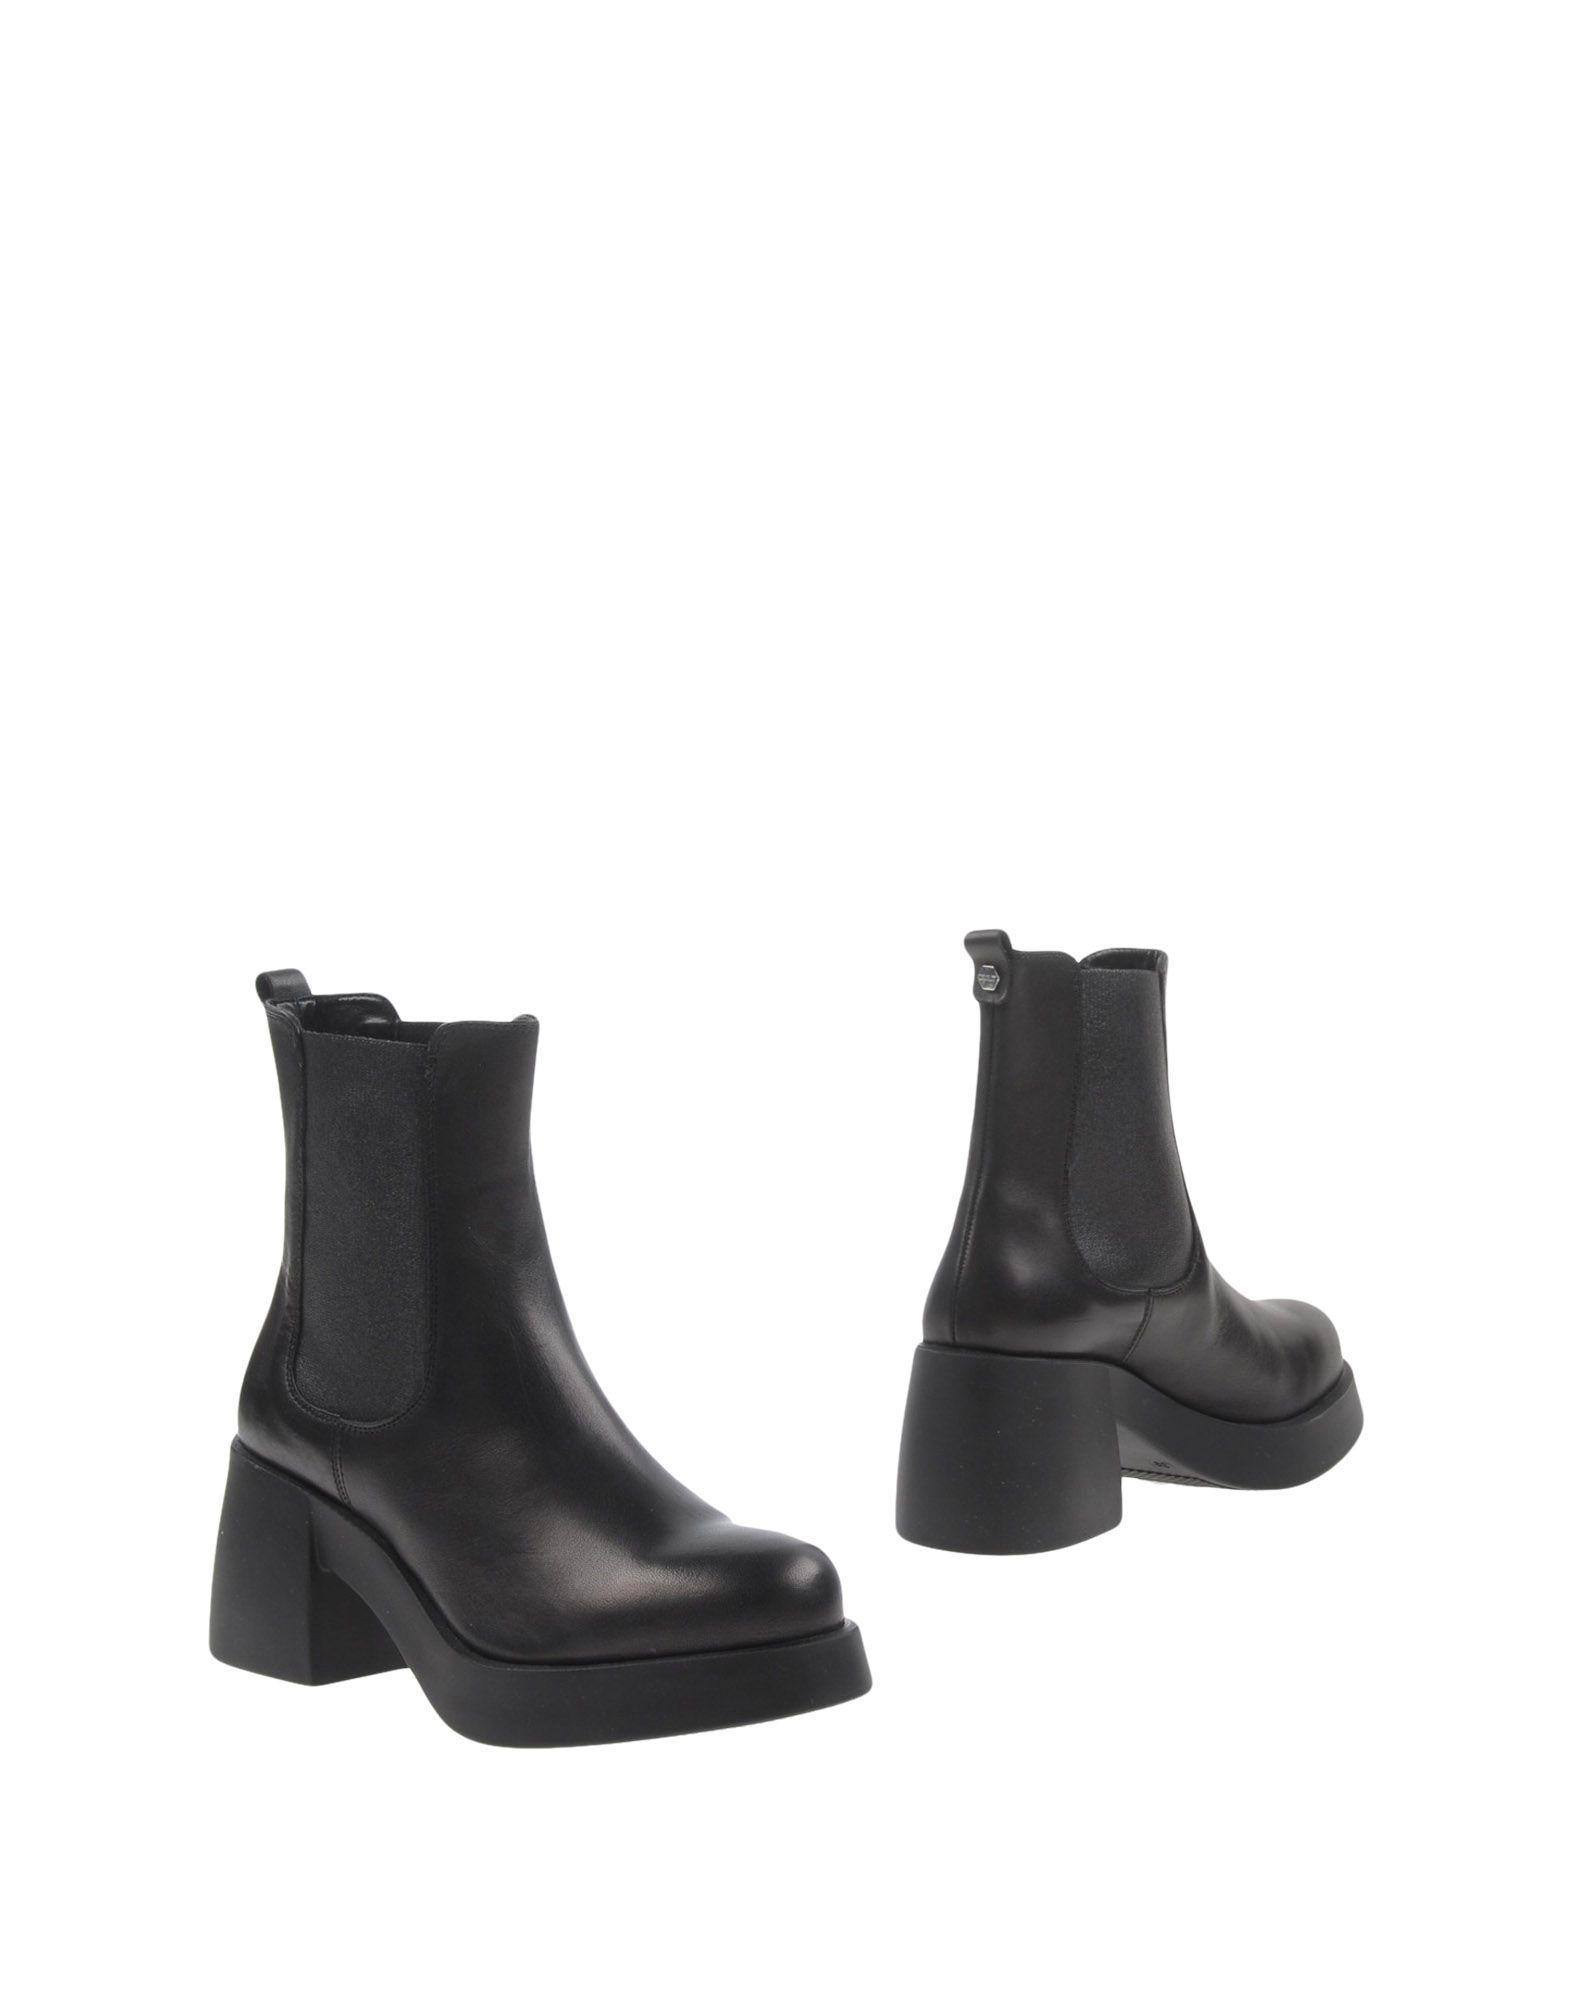 Cult Cult Cult Chelsea Boots Damen  11359547VJ Gute Qualität beliebte Schuhe ef7542